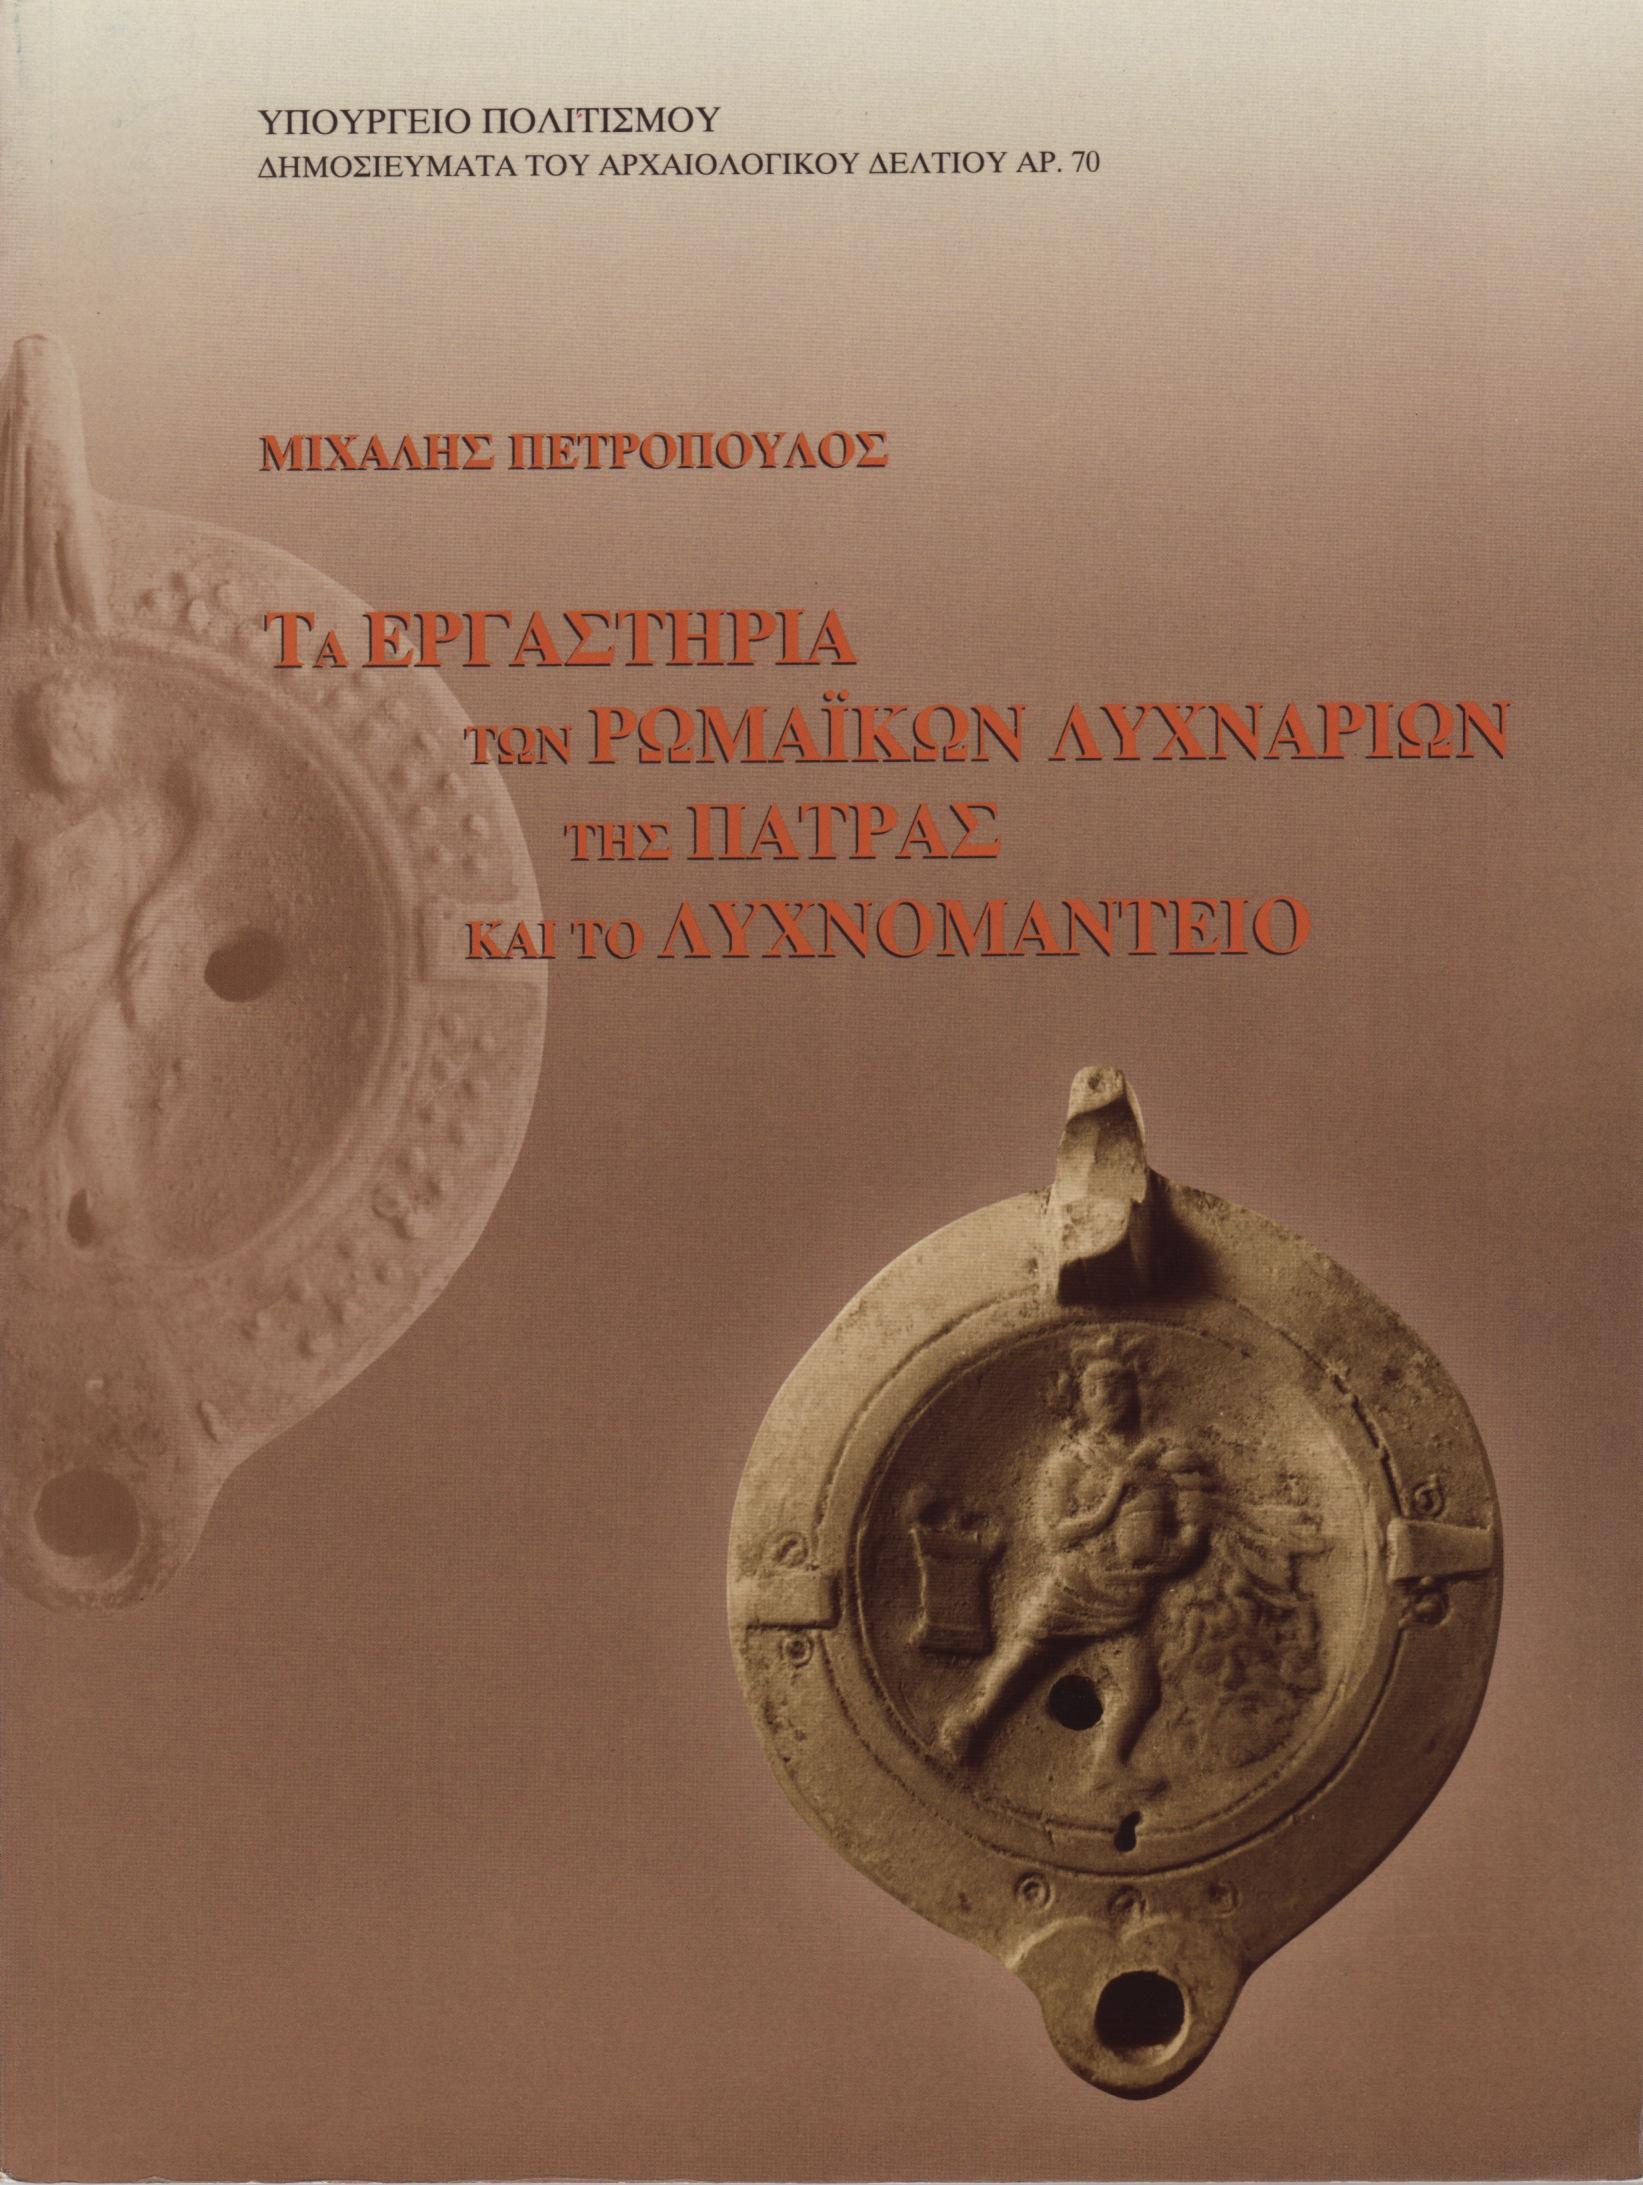 petropoulos 1999